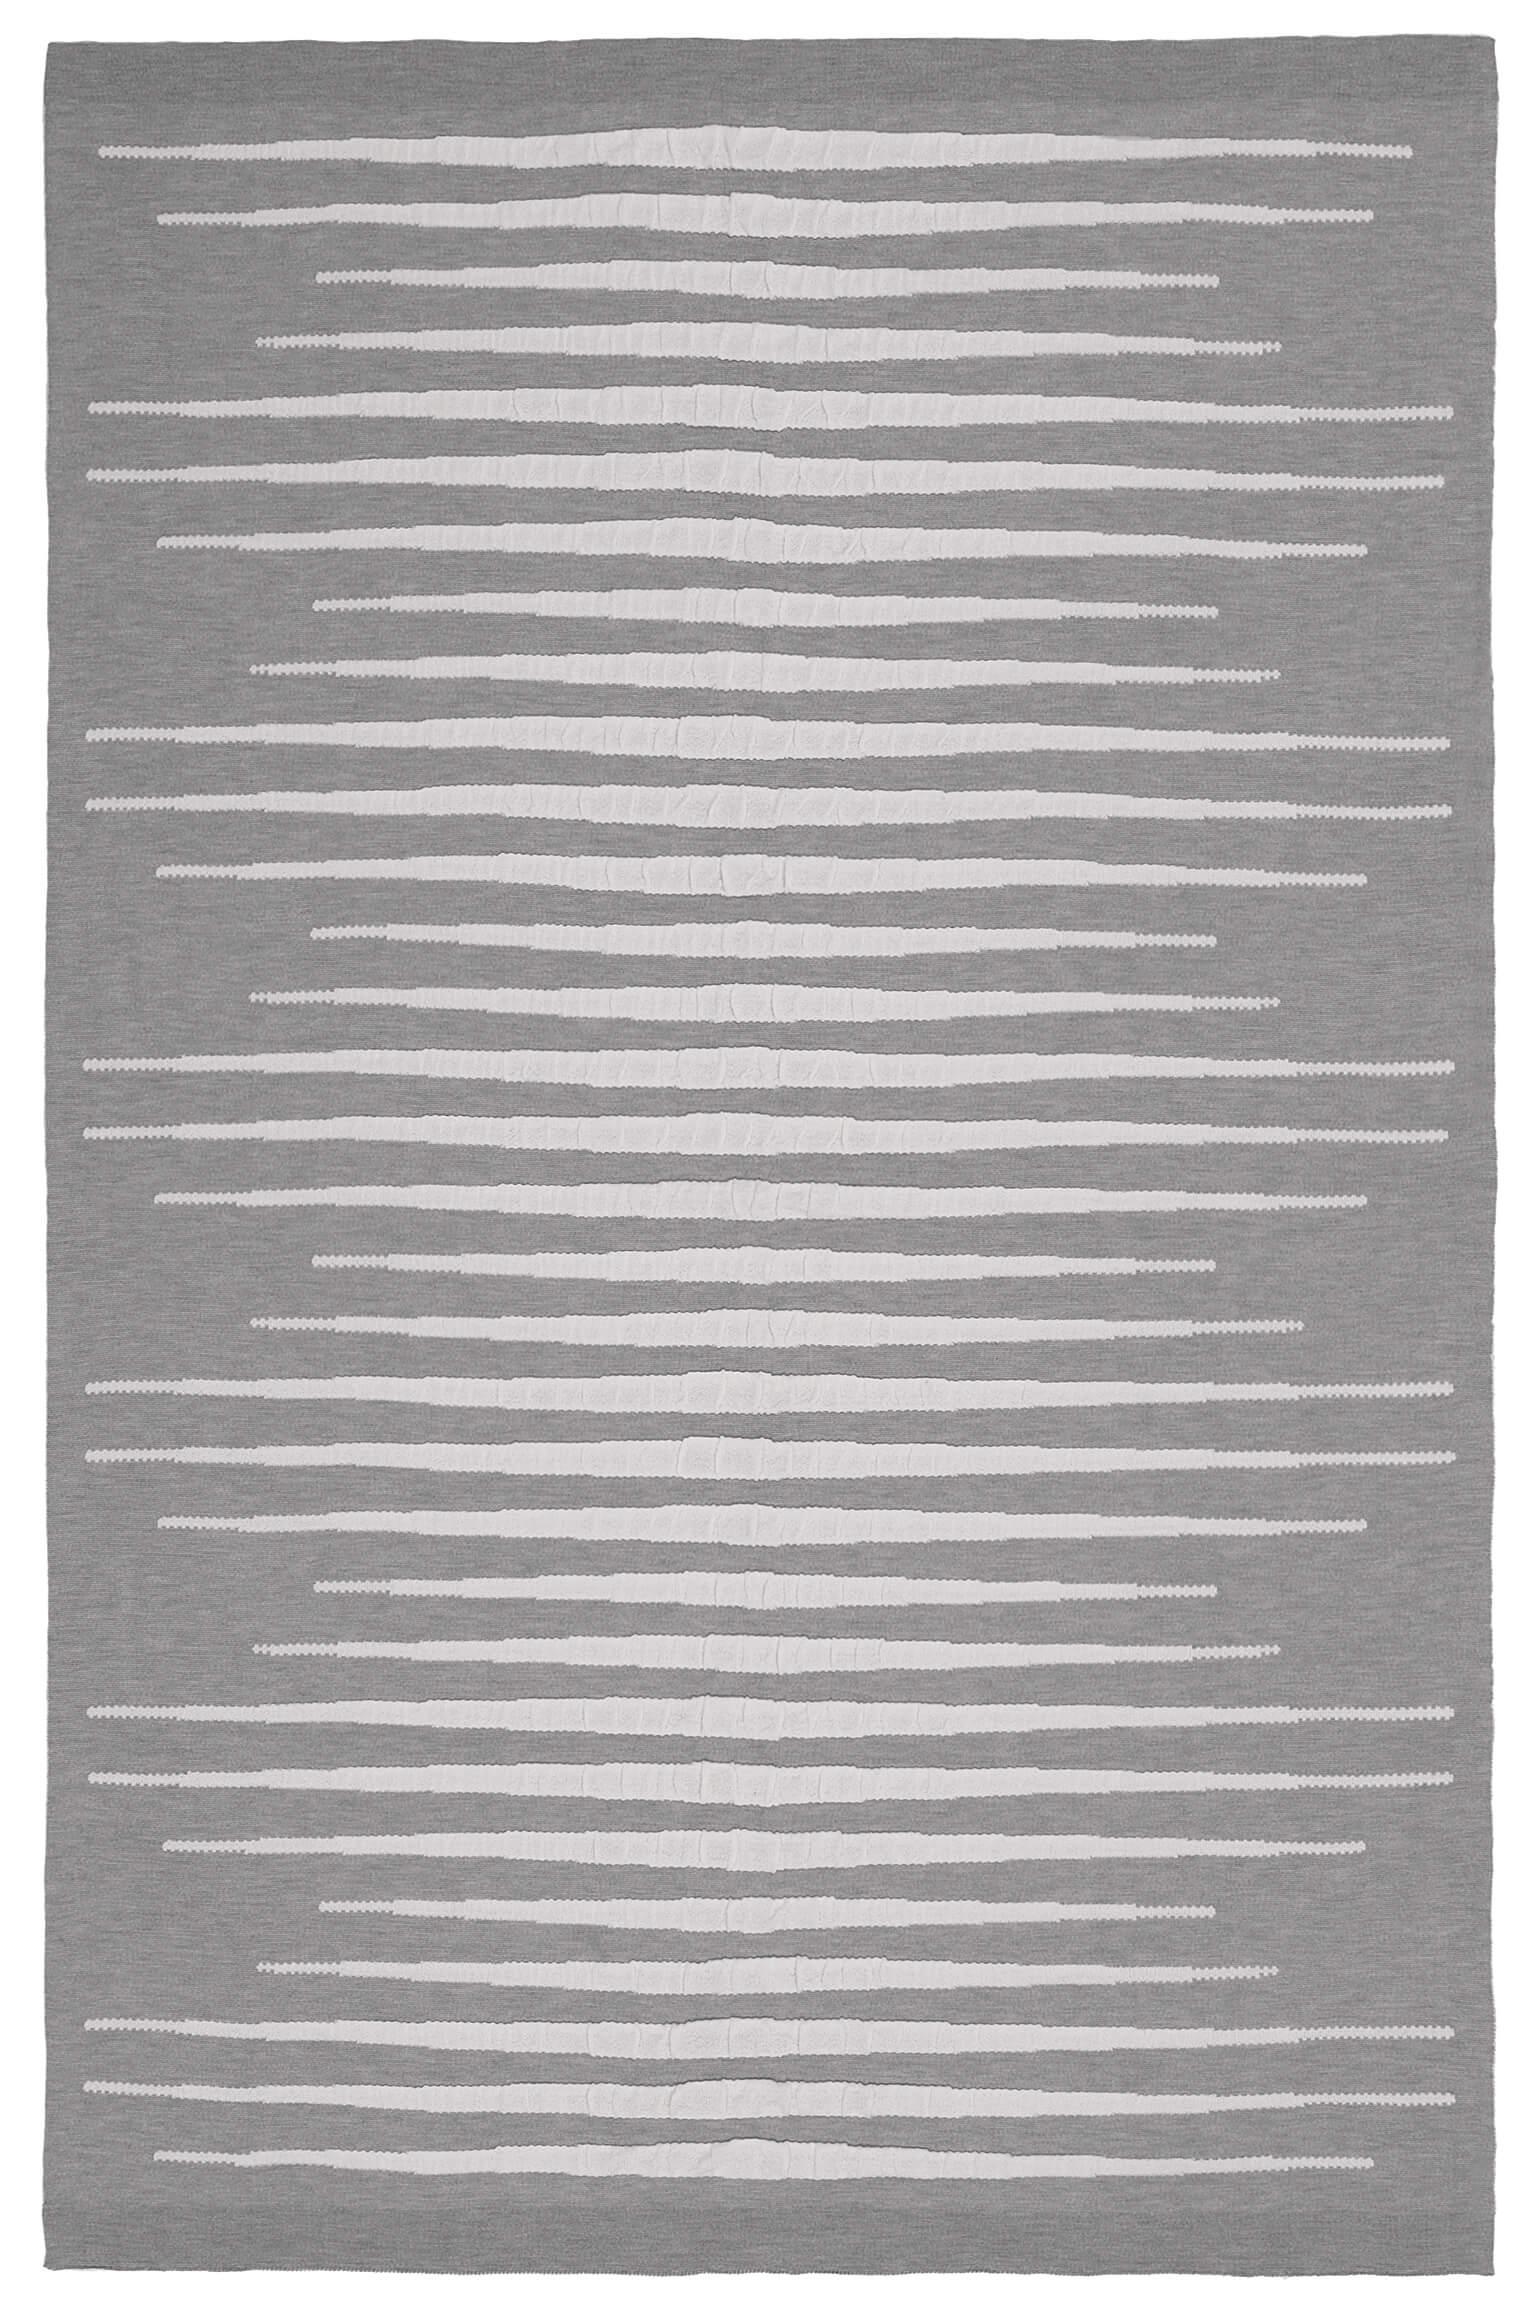 Bild von Polaris3, Variante flanell-silber